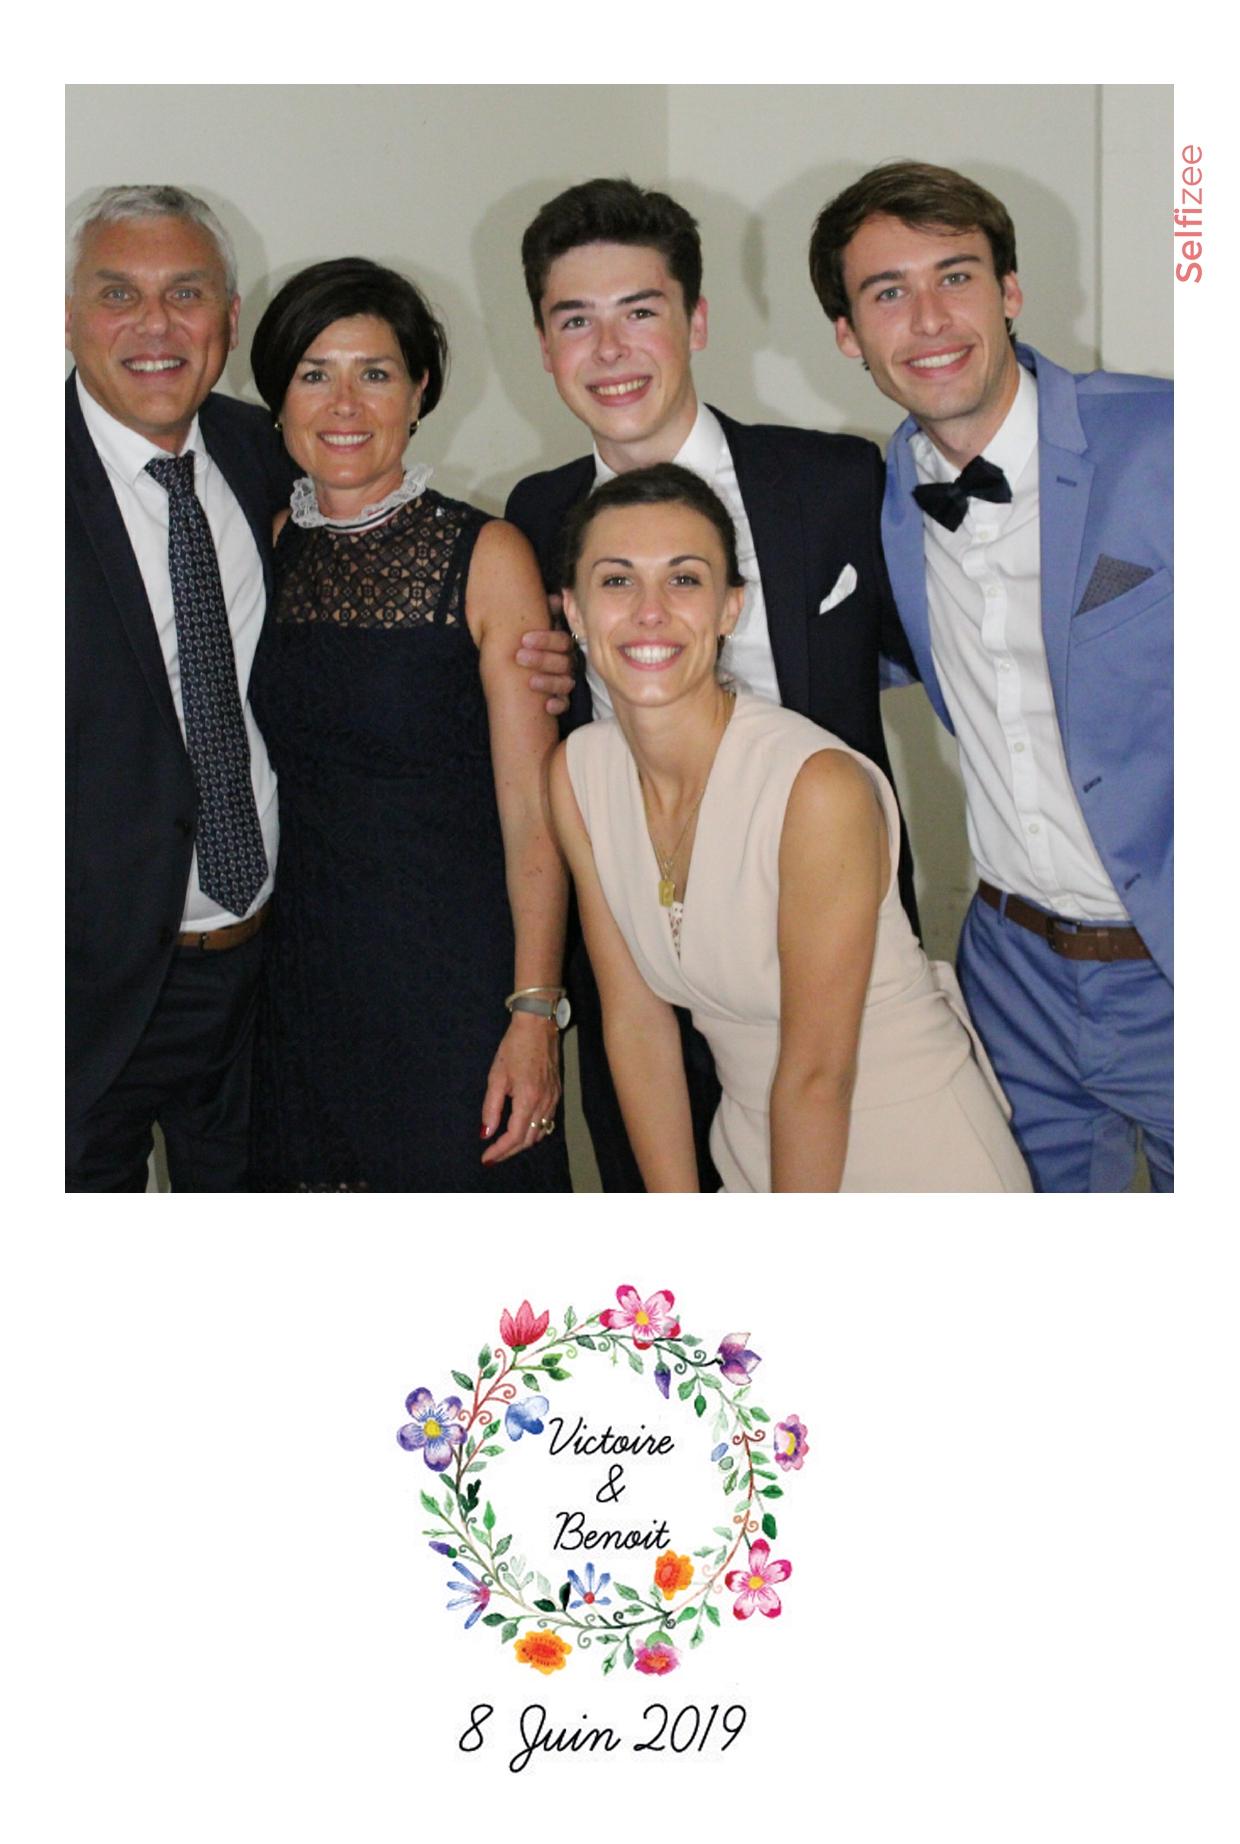 Animation photobooth mariage Metz avec impressions photos personnalisées - borne selfie à louer Metz / Moselle pour mariage, anniversaire, soirée, baptême